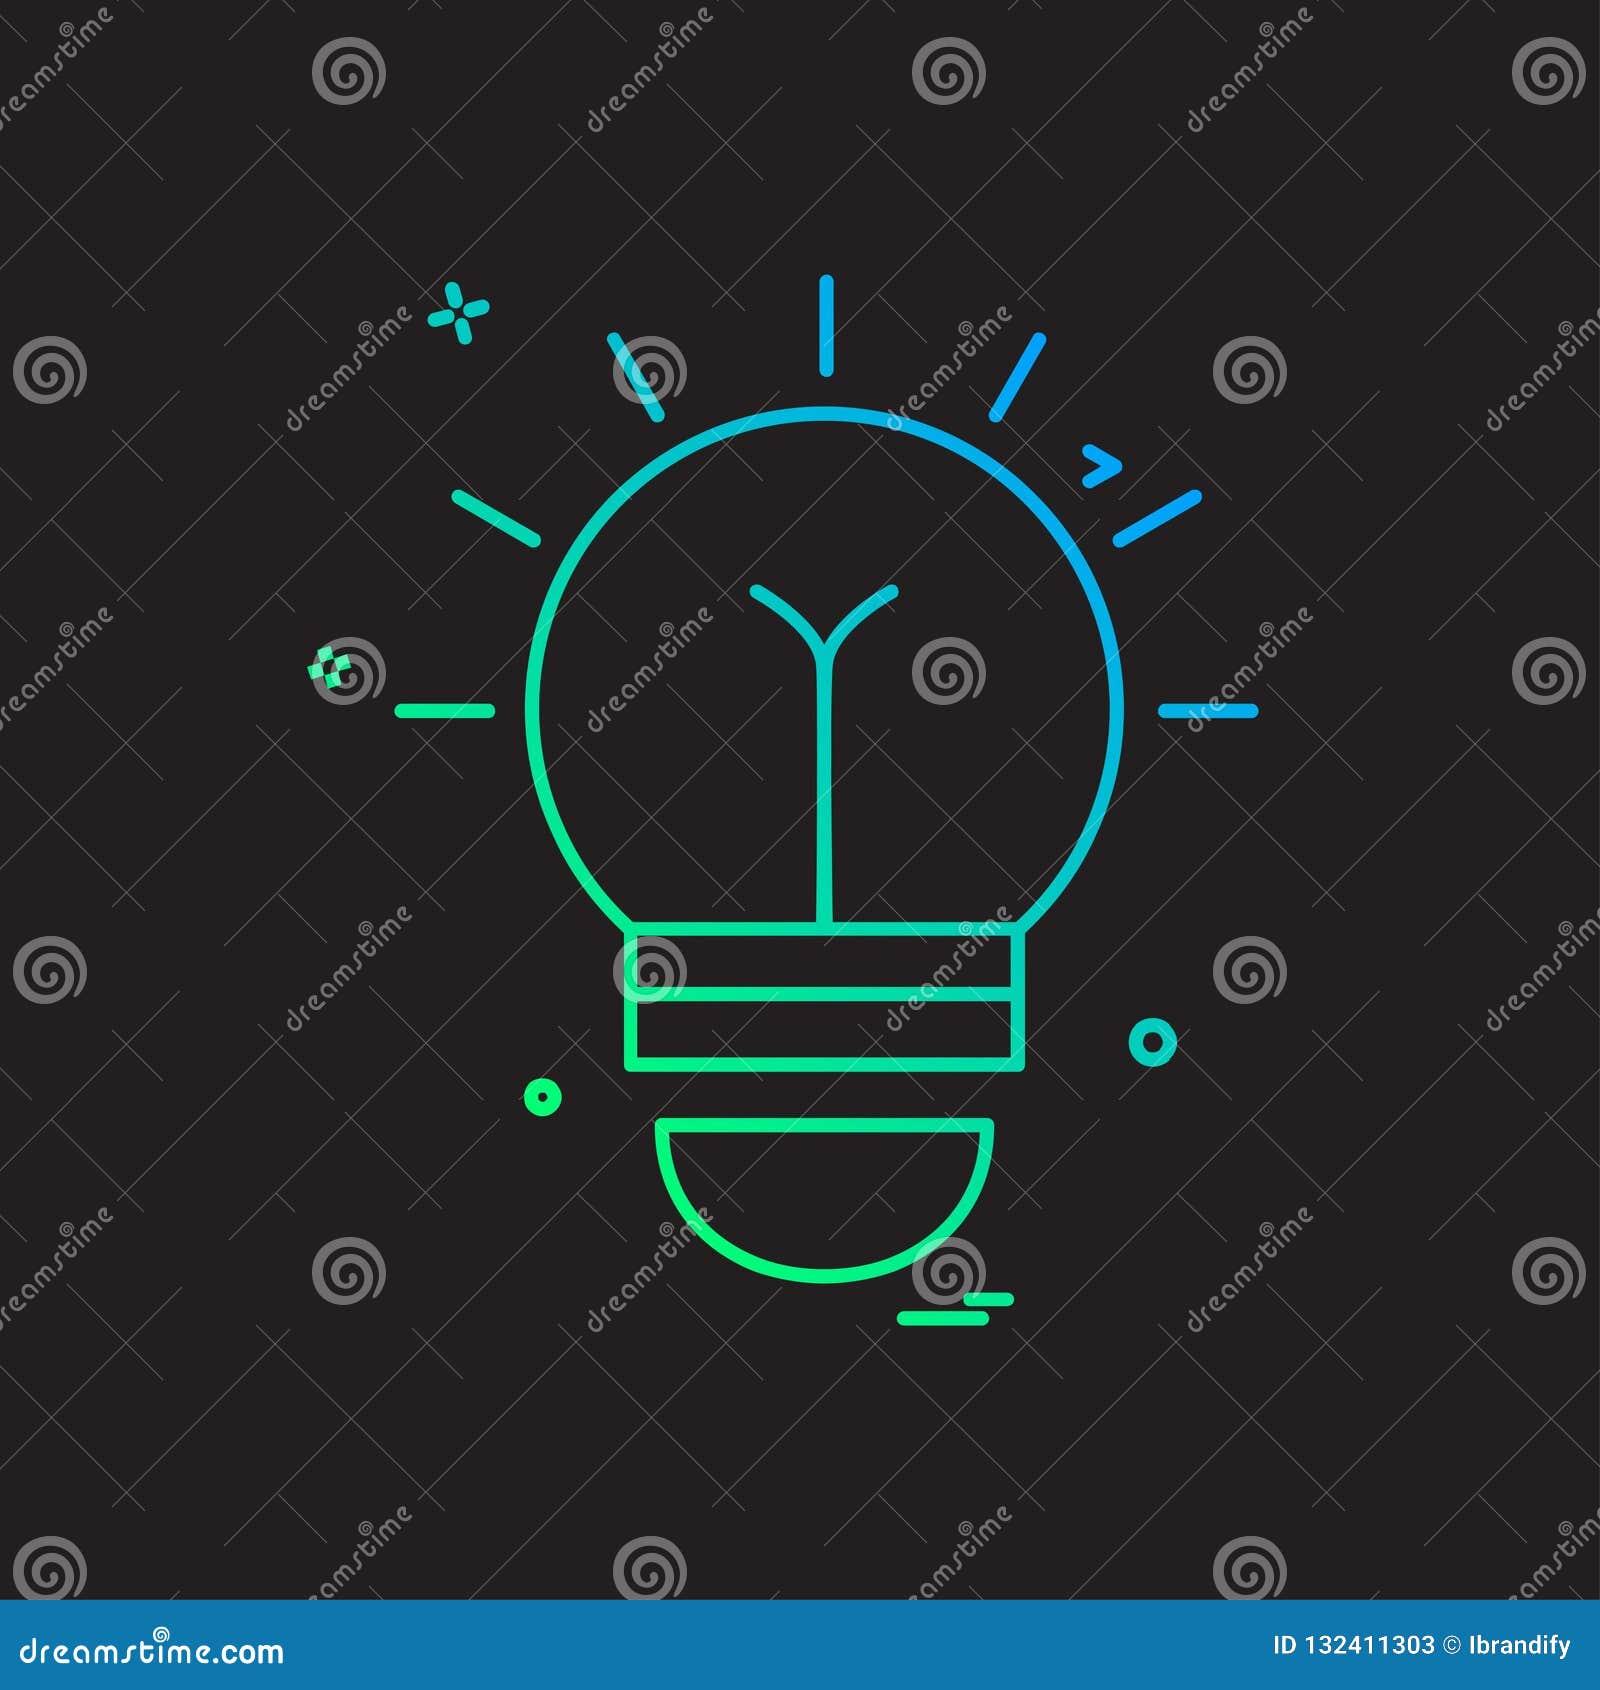 Creative Ideaicon:  Idea Icon Design Vector Stock Vector. Illustration Of